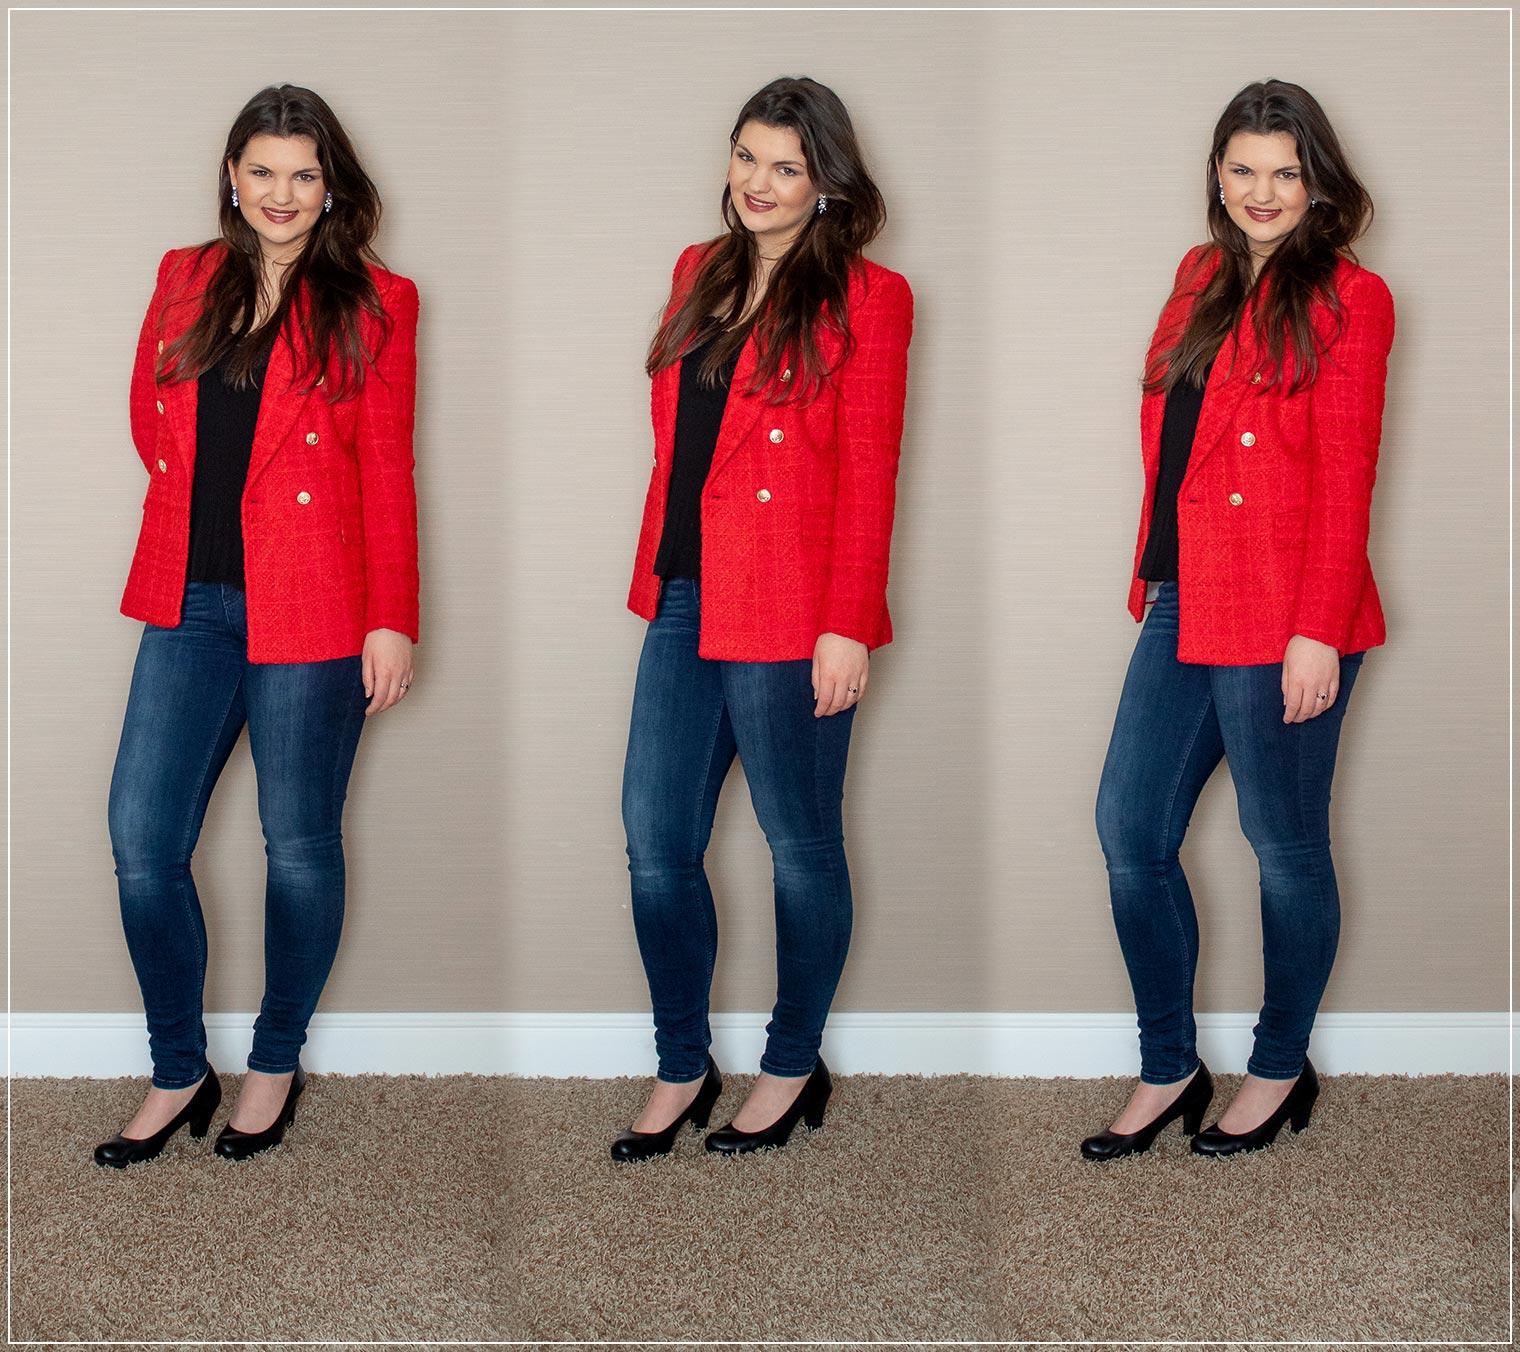 Oversized Blazer in Tweedoptik mit Jeans kombiniert